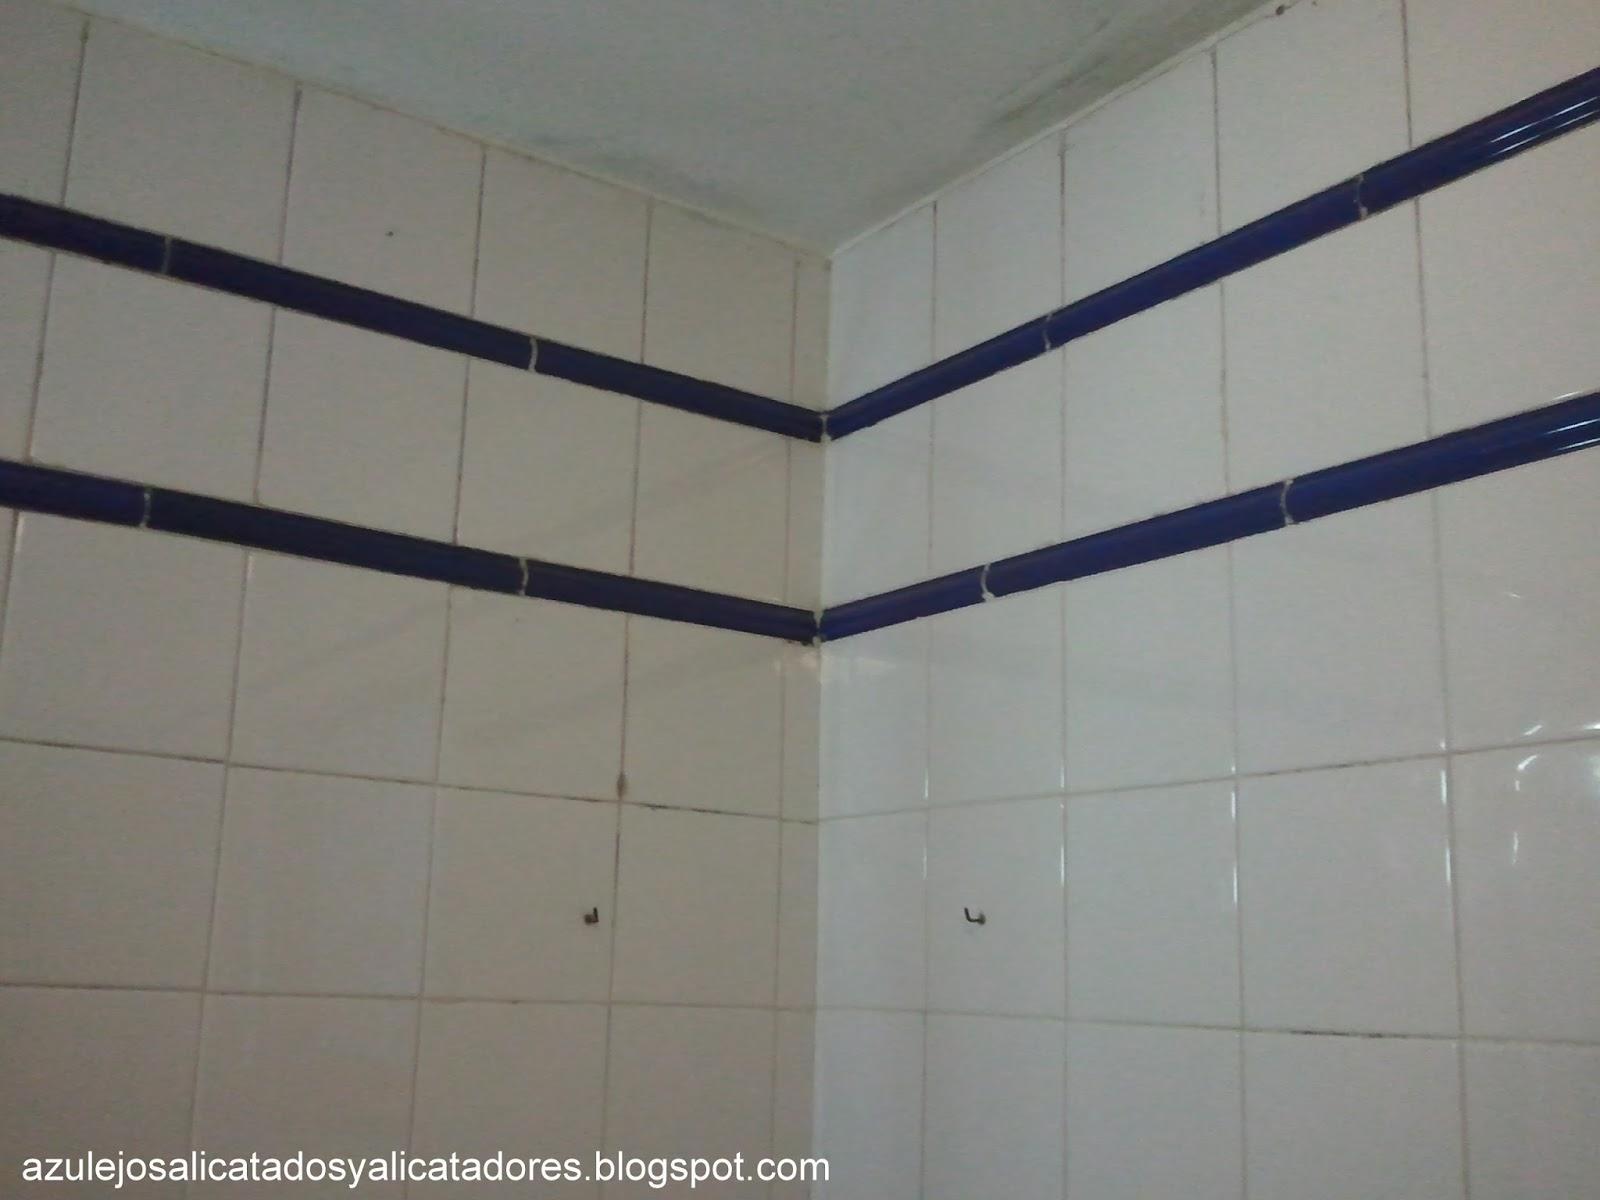 Baño Azul Con Blanco:los azulejos es 15×15 cm en color blanco brillo, con listelos azules